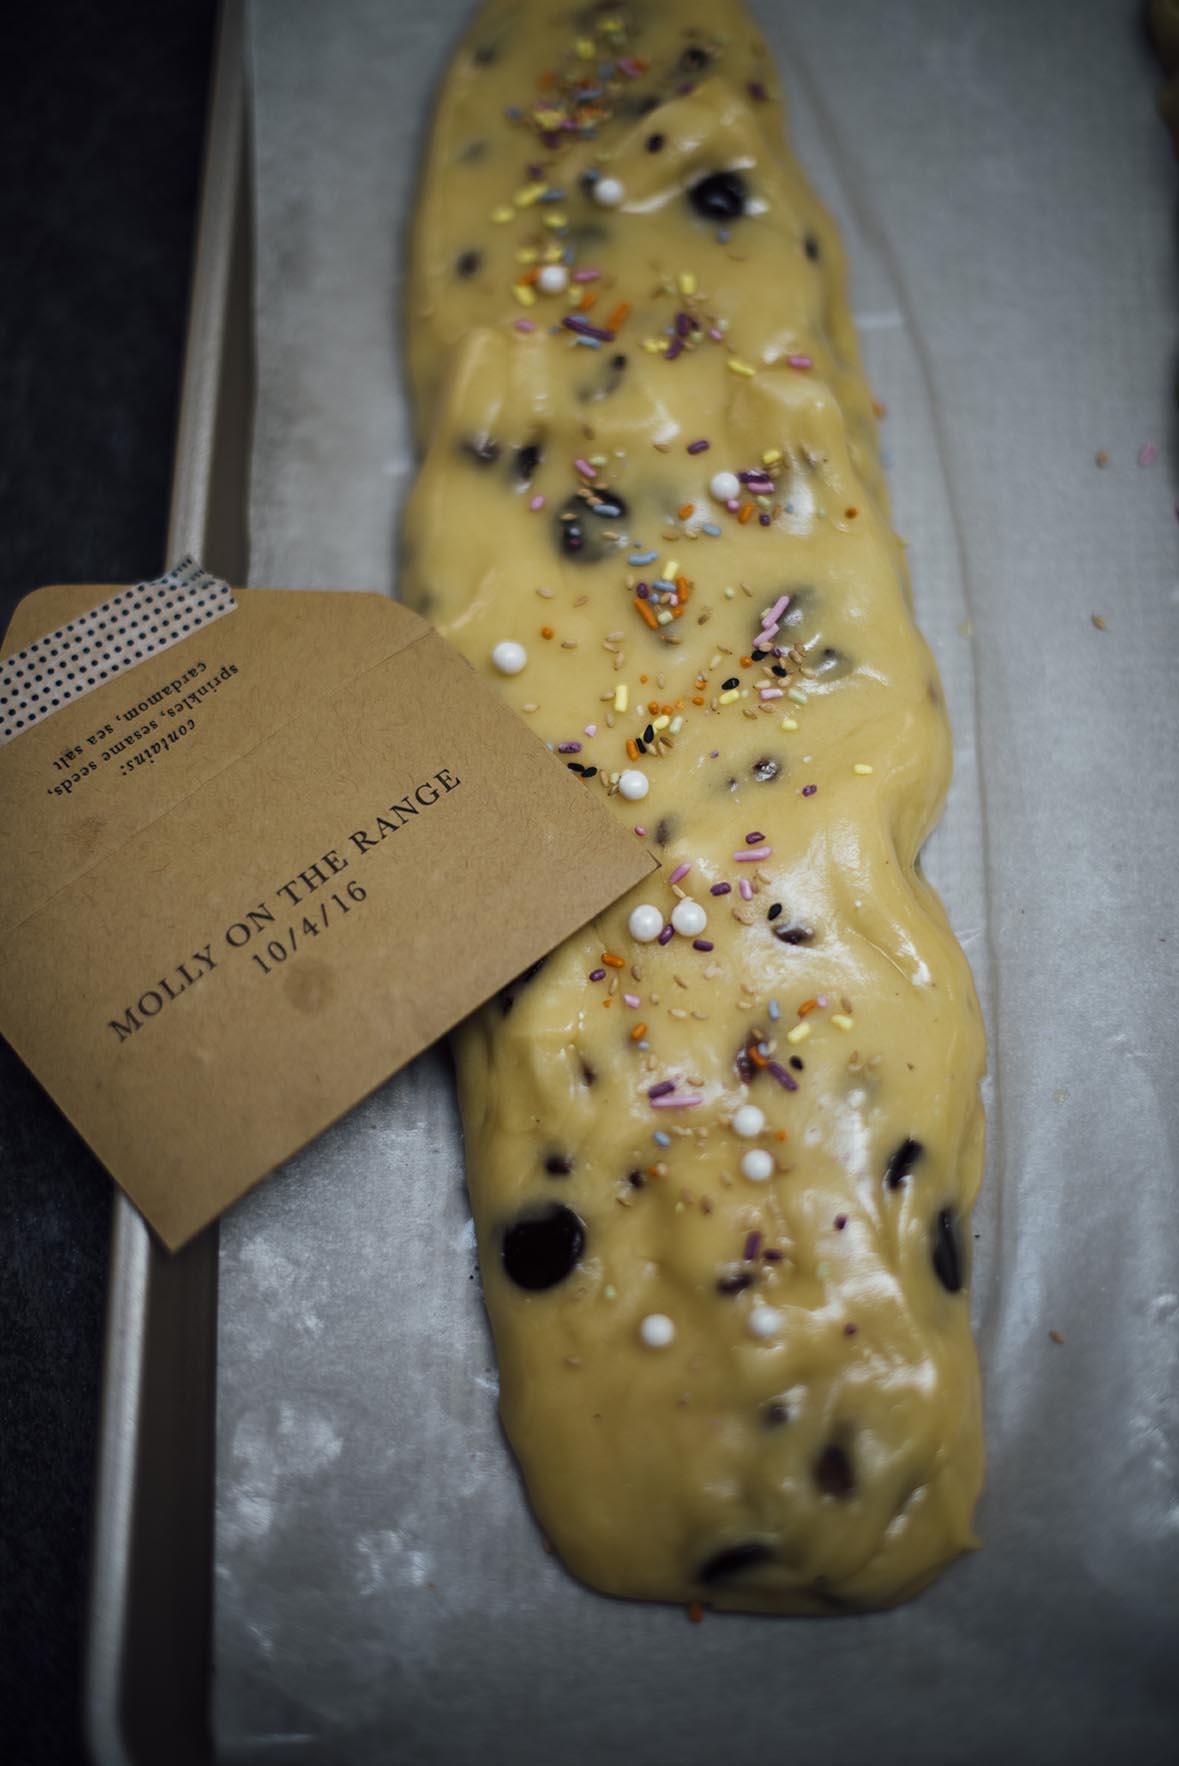 molly's mandel bread | A Brown Table